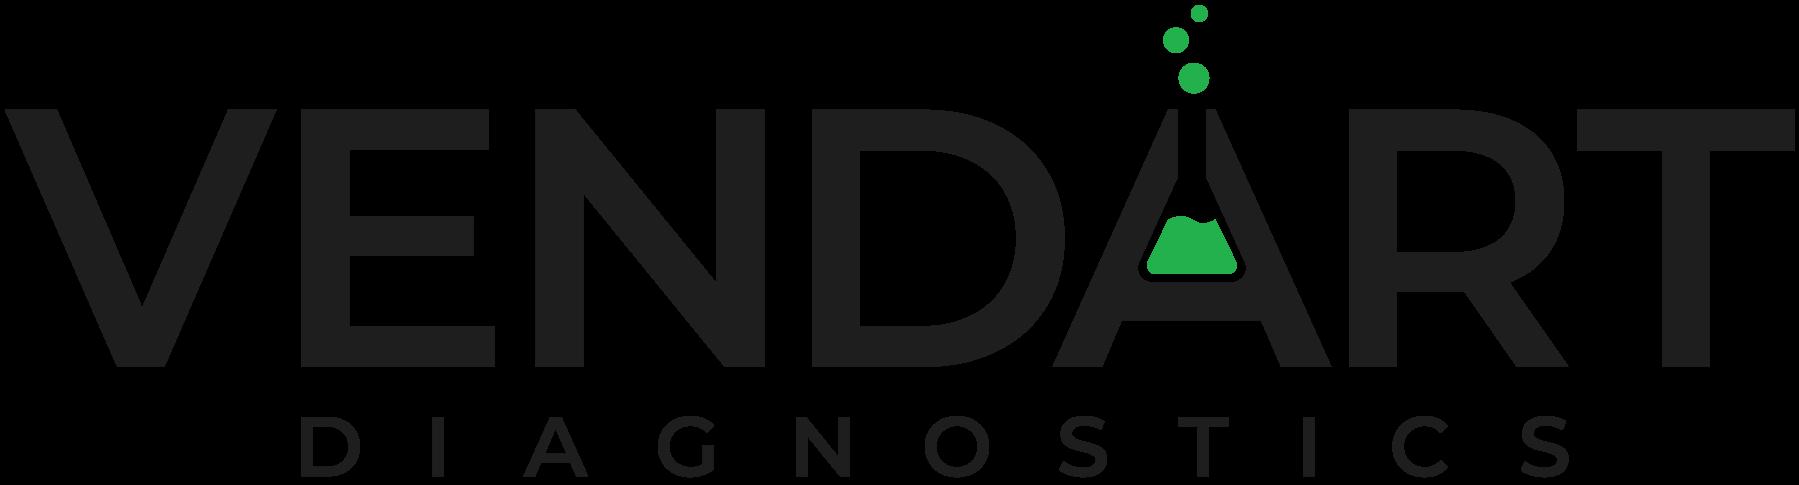 Vendart logo